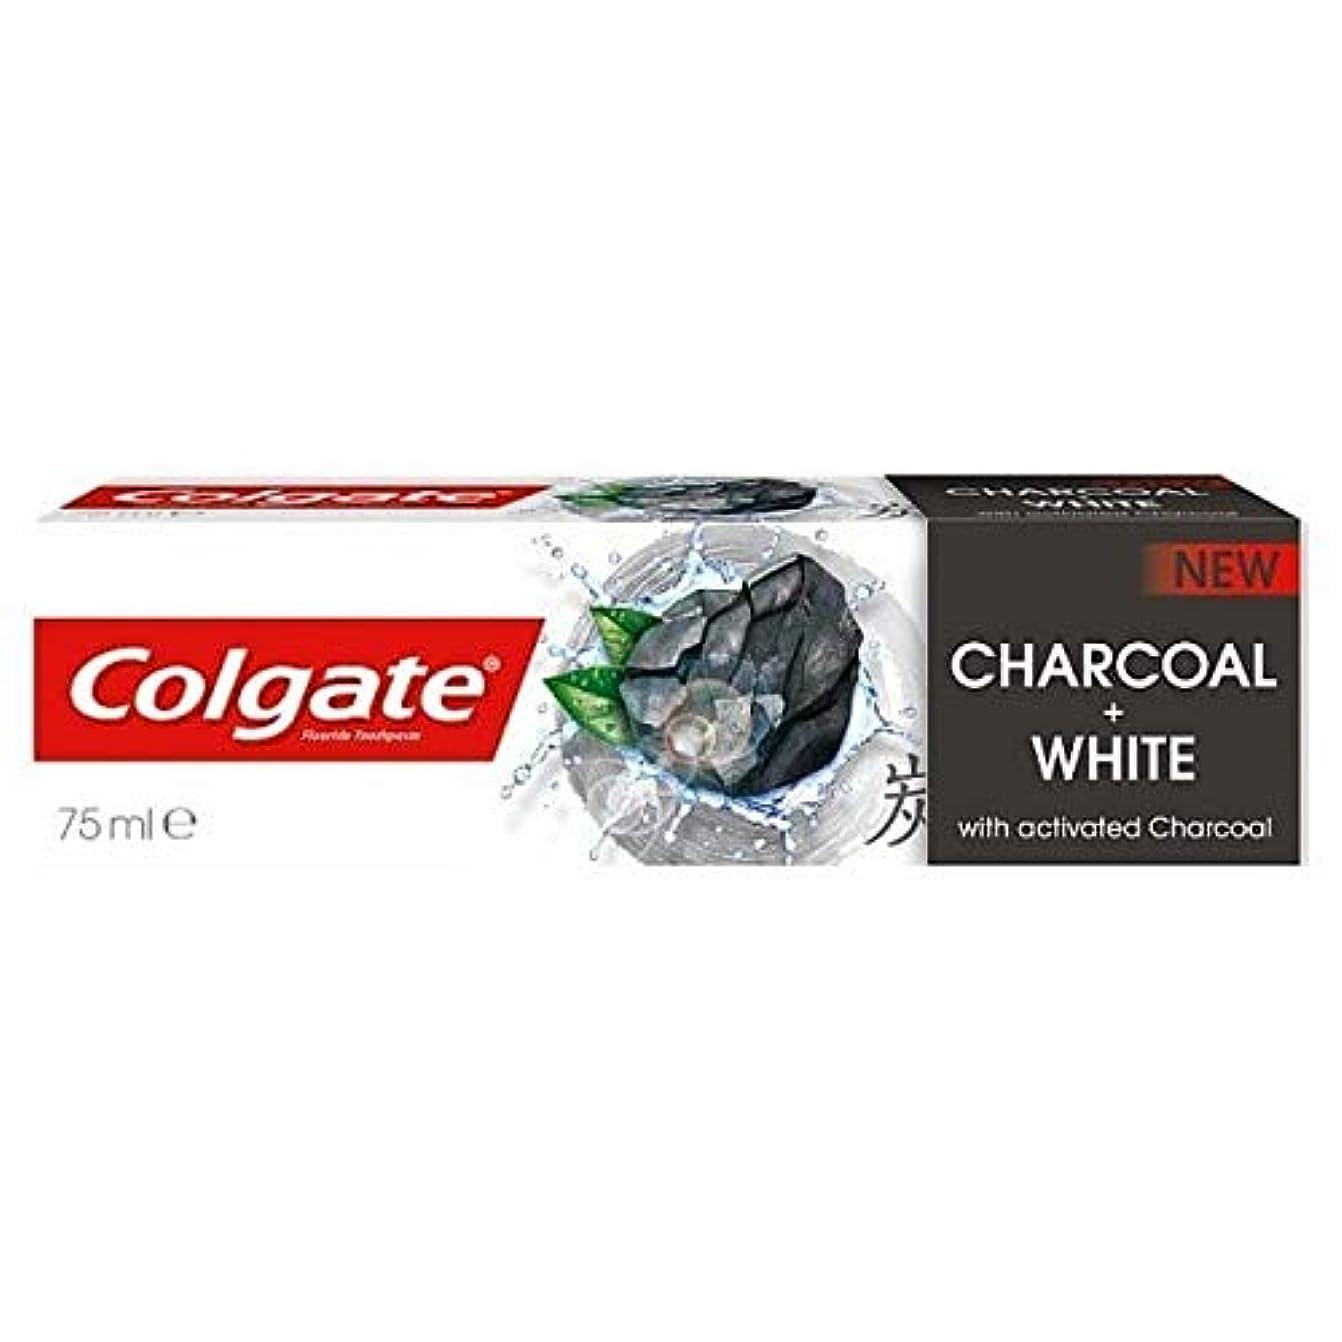 副産物汚染されたチューリップ[Colgate ] コルゲート歯磨きナチュラルチャコール75ミリリットル - Colgate Toothpaste Naturals Charcoal 75ml [並行輸入品]